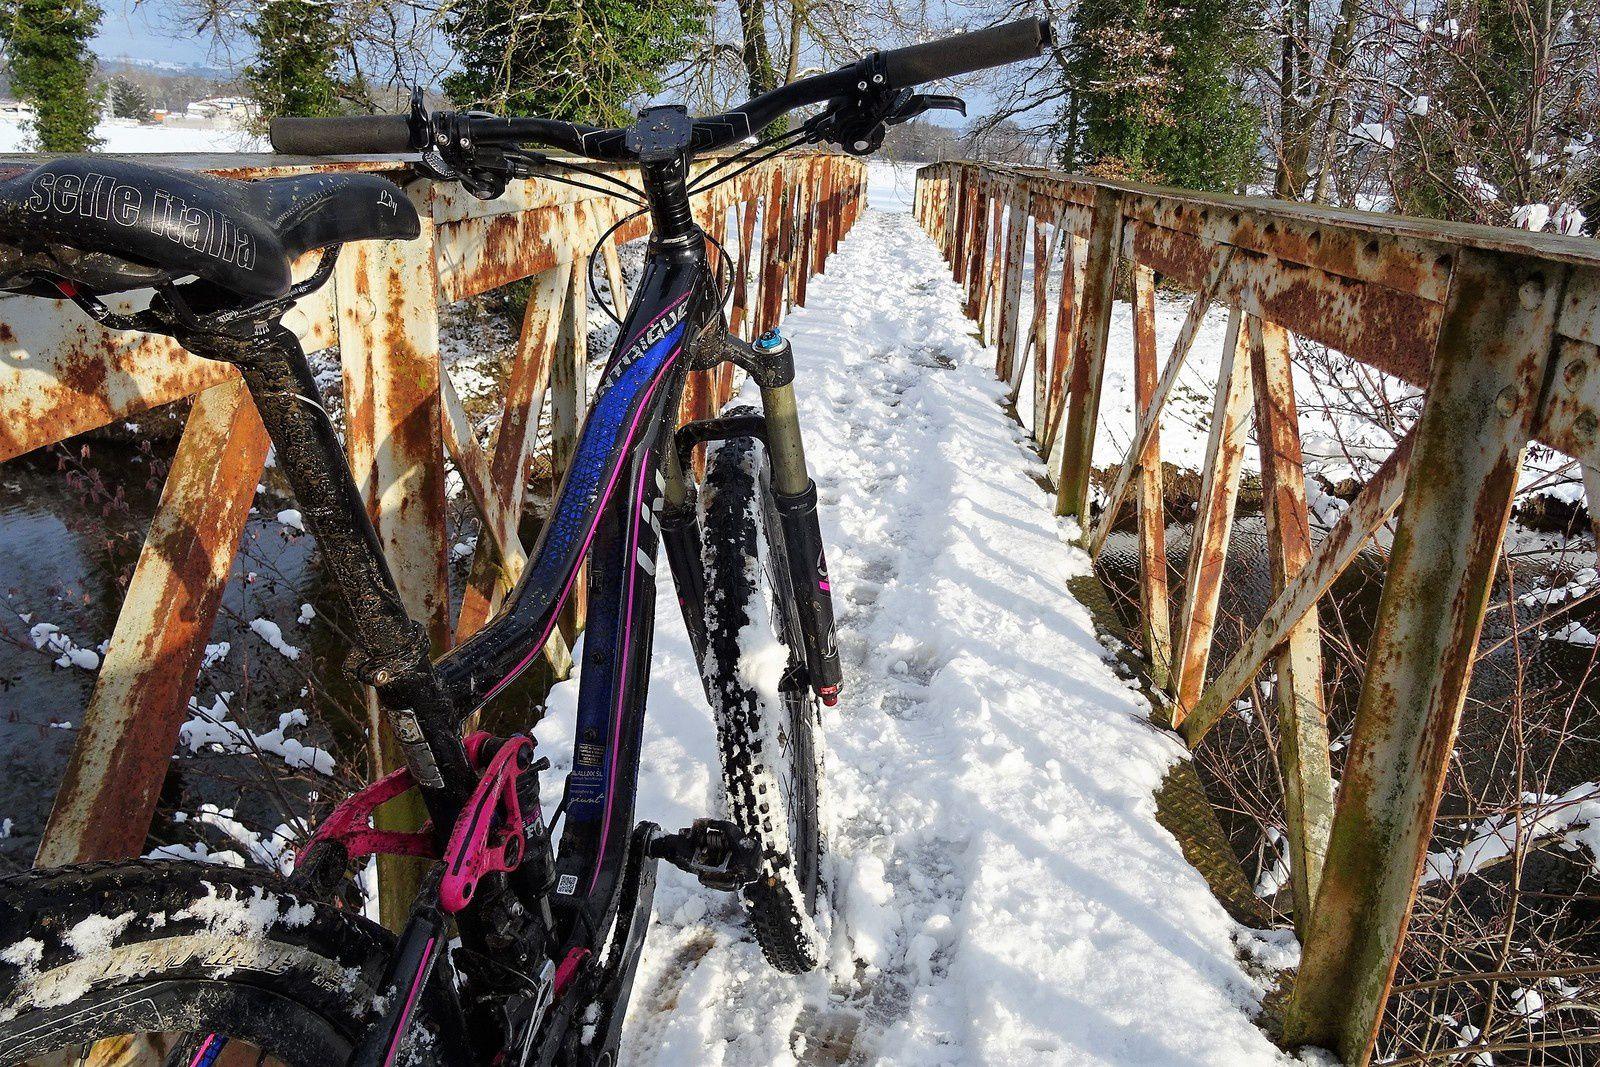 Le VTT se comporte bien dans la neige malgré des pneus été.